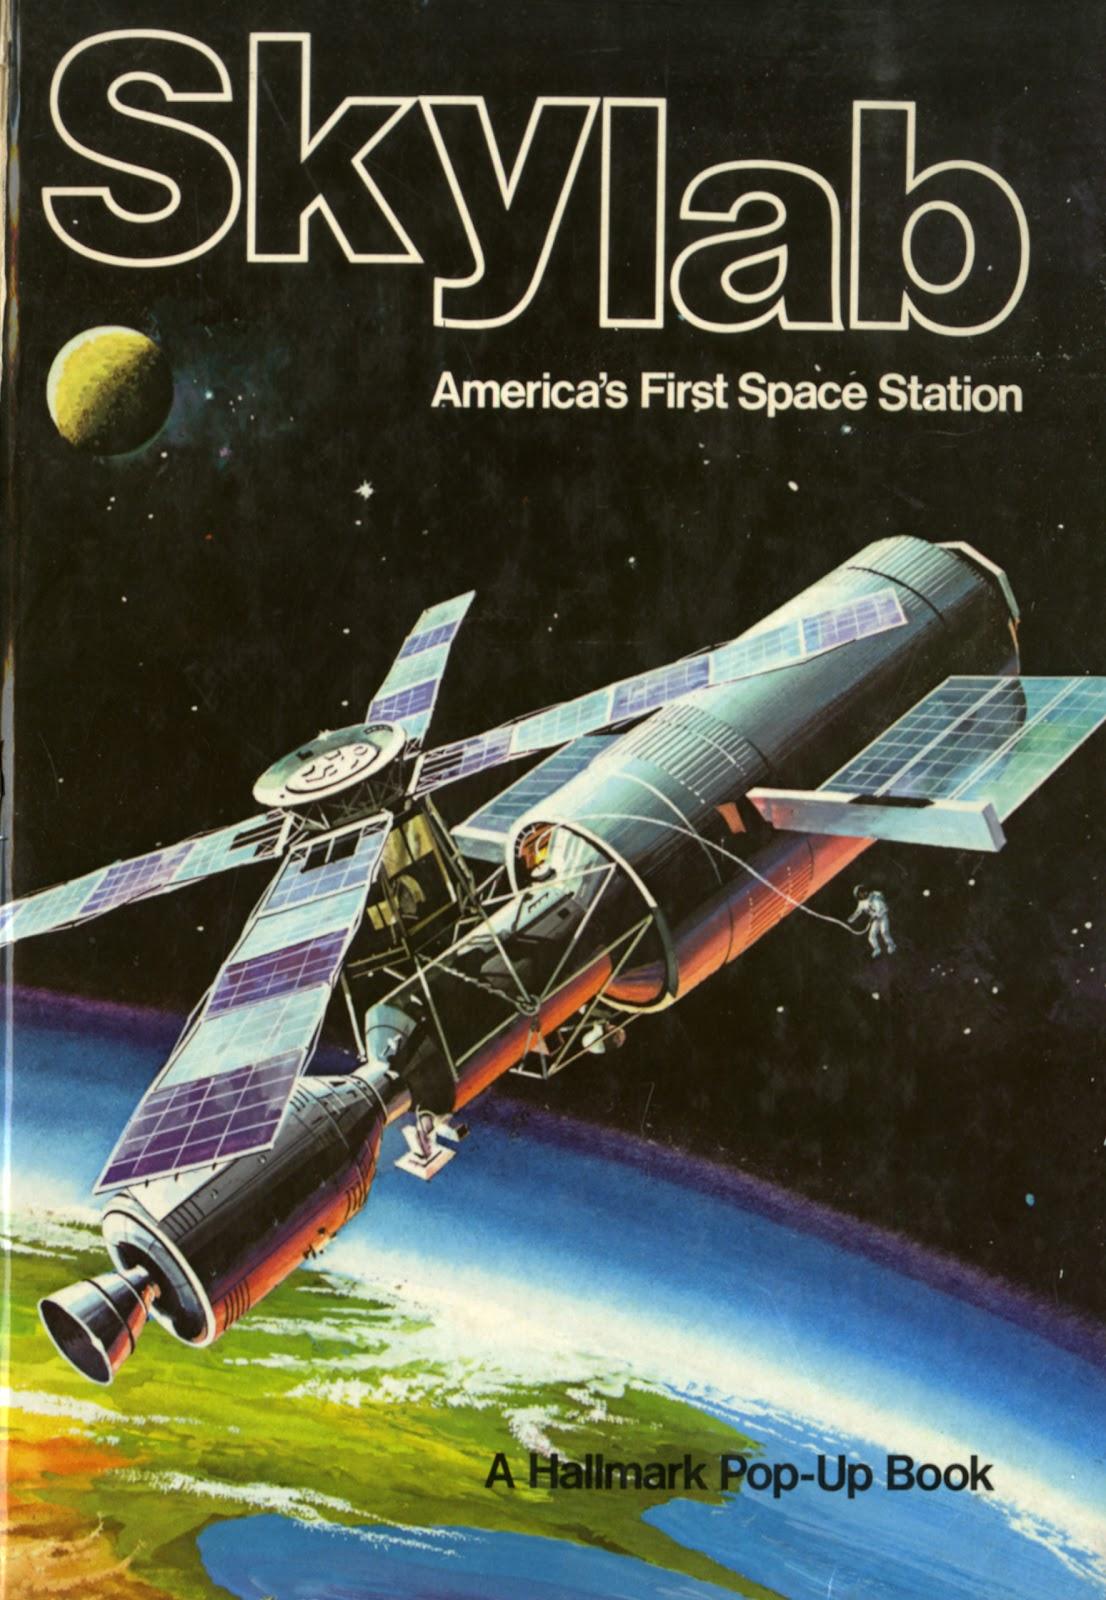 skylab space station crash - photo #44